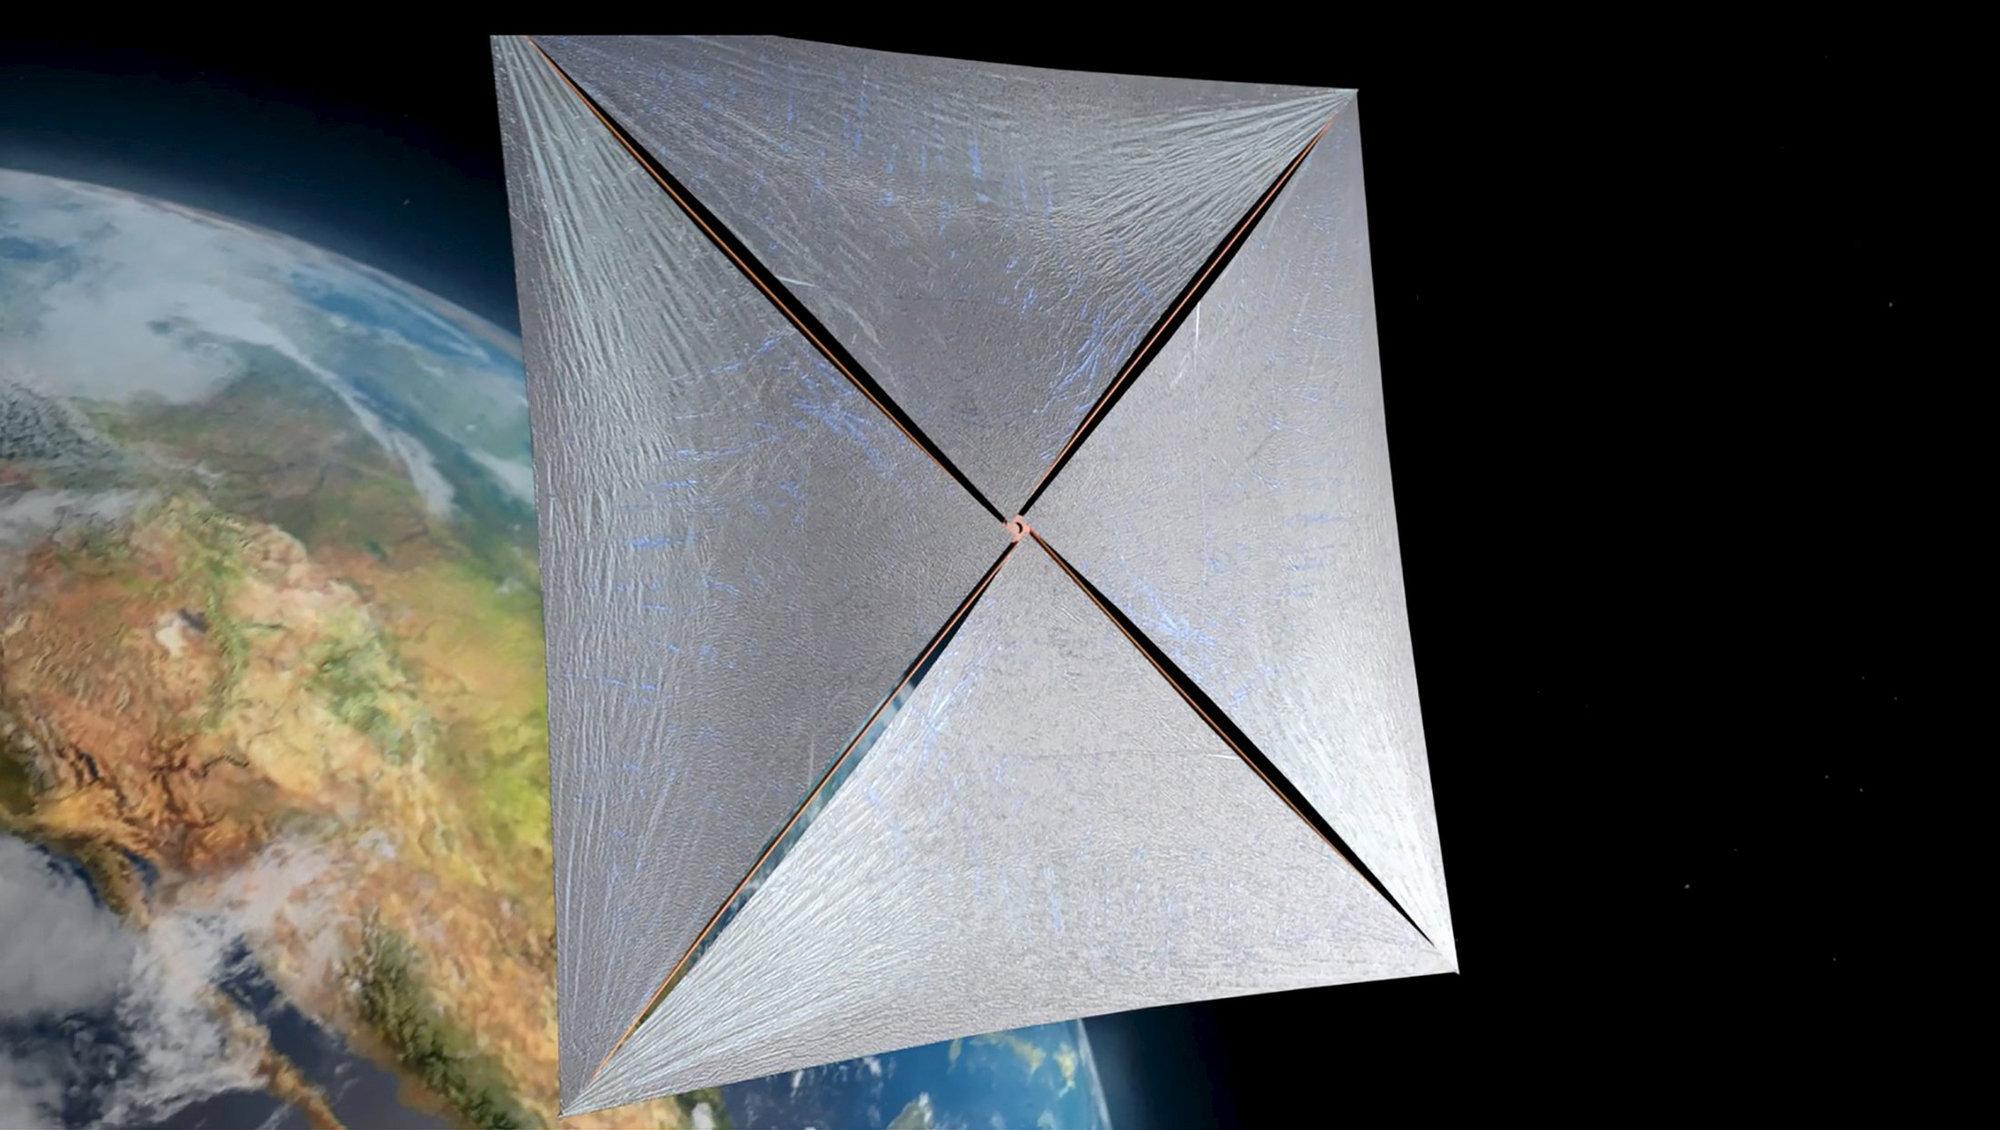 Как крошечный космический корабль может стать межзвездным при помощи физики